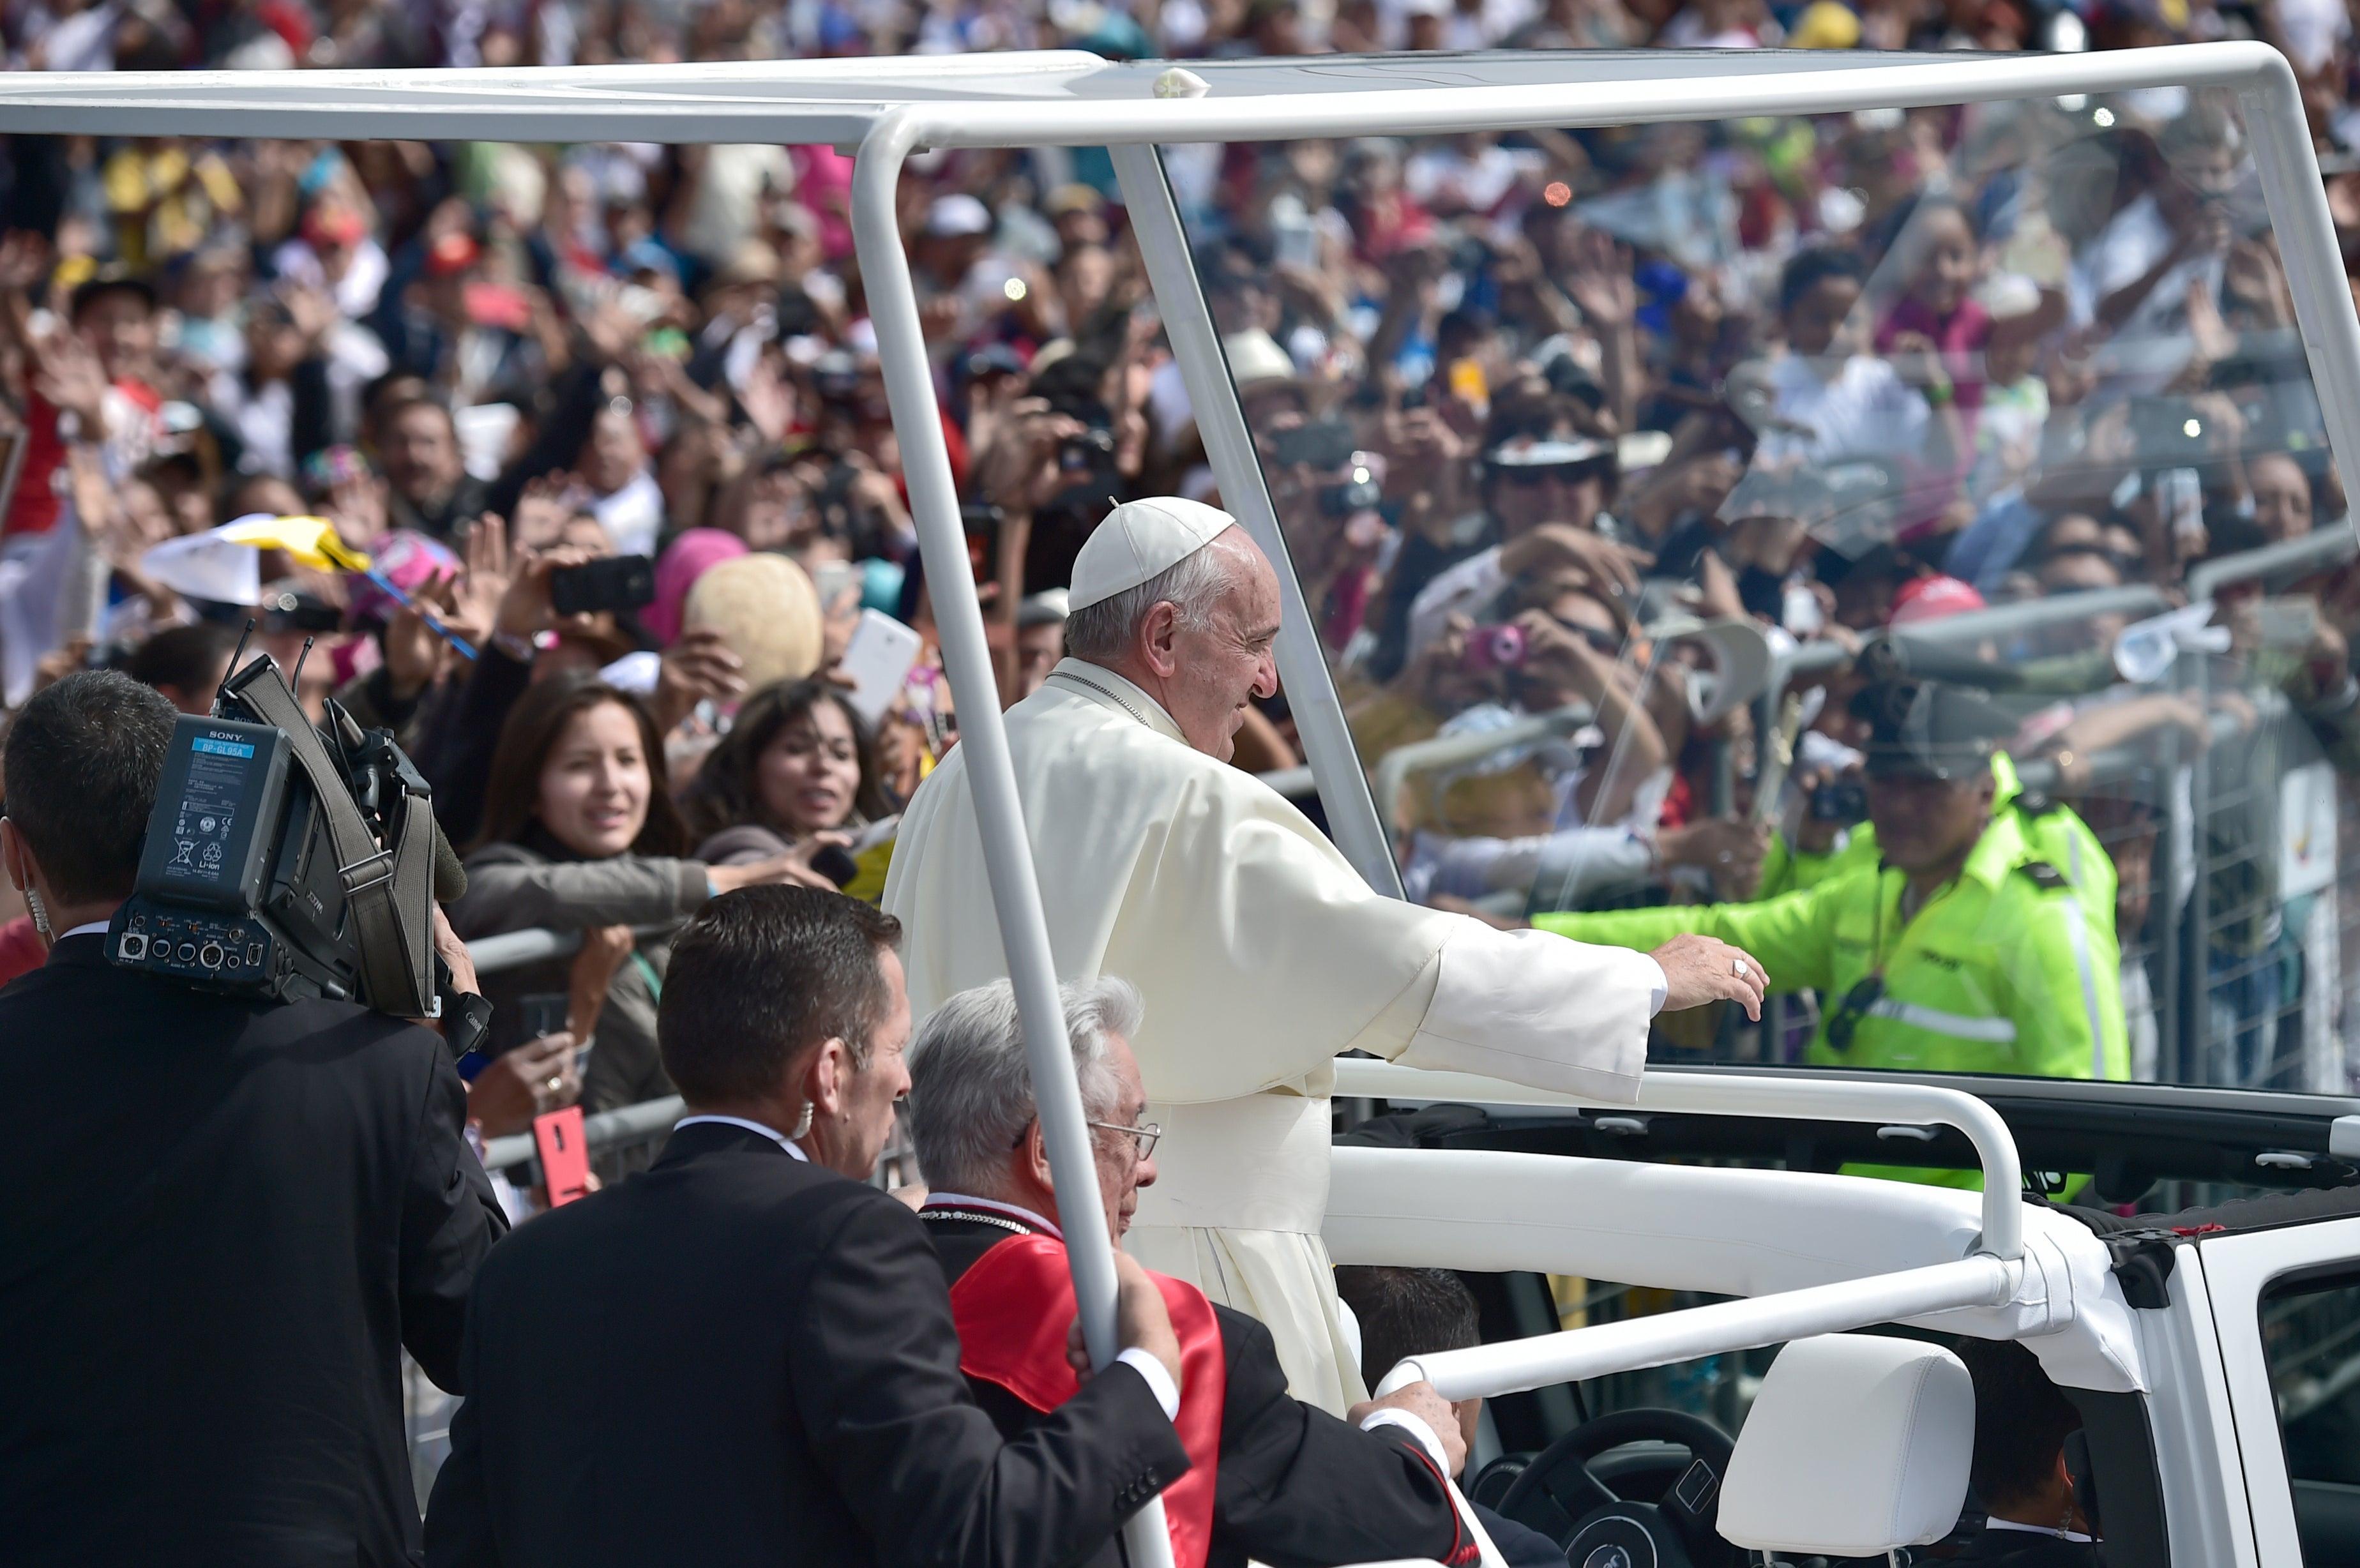 EN VIVO: Francisco intenta aliviar tensión política en Ecuador antes de misa campalM